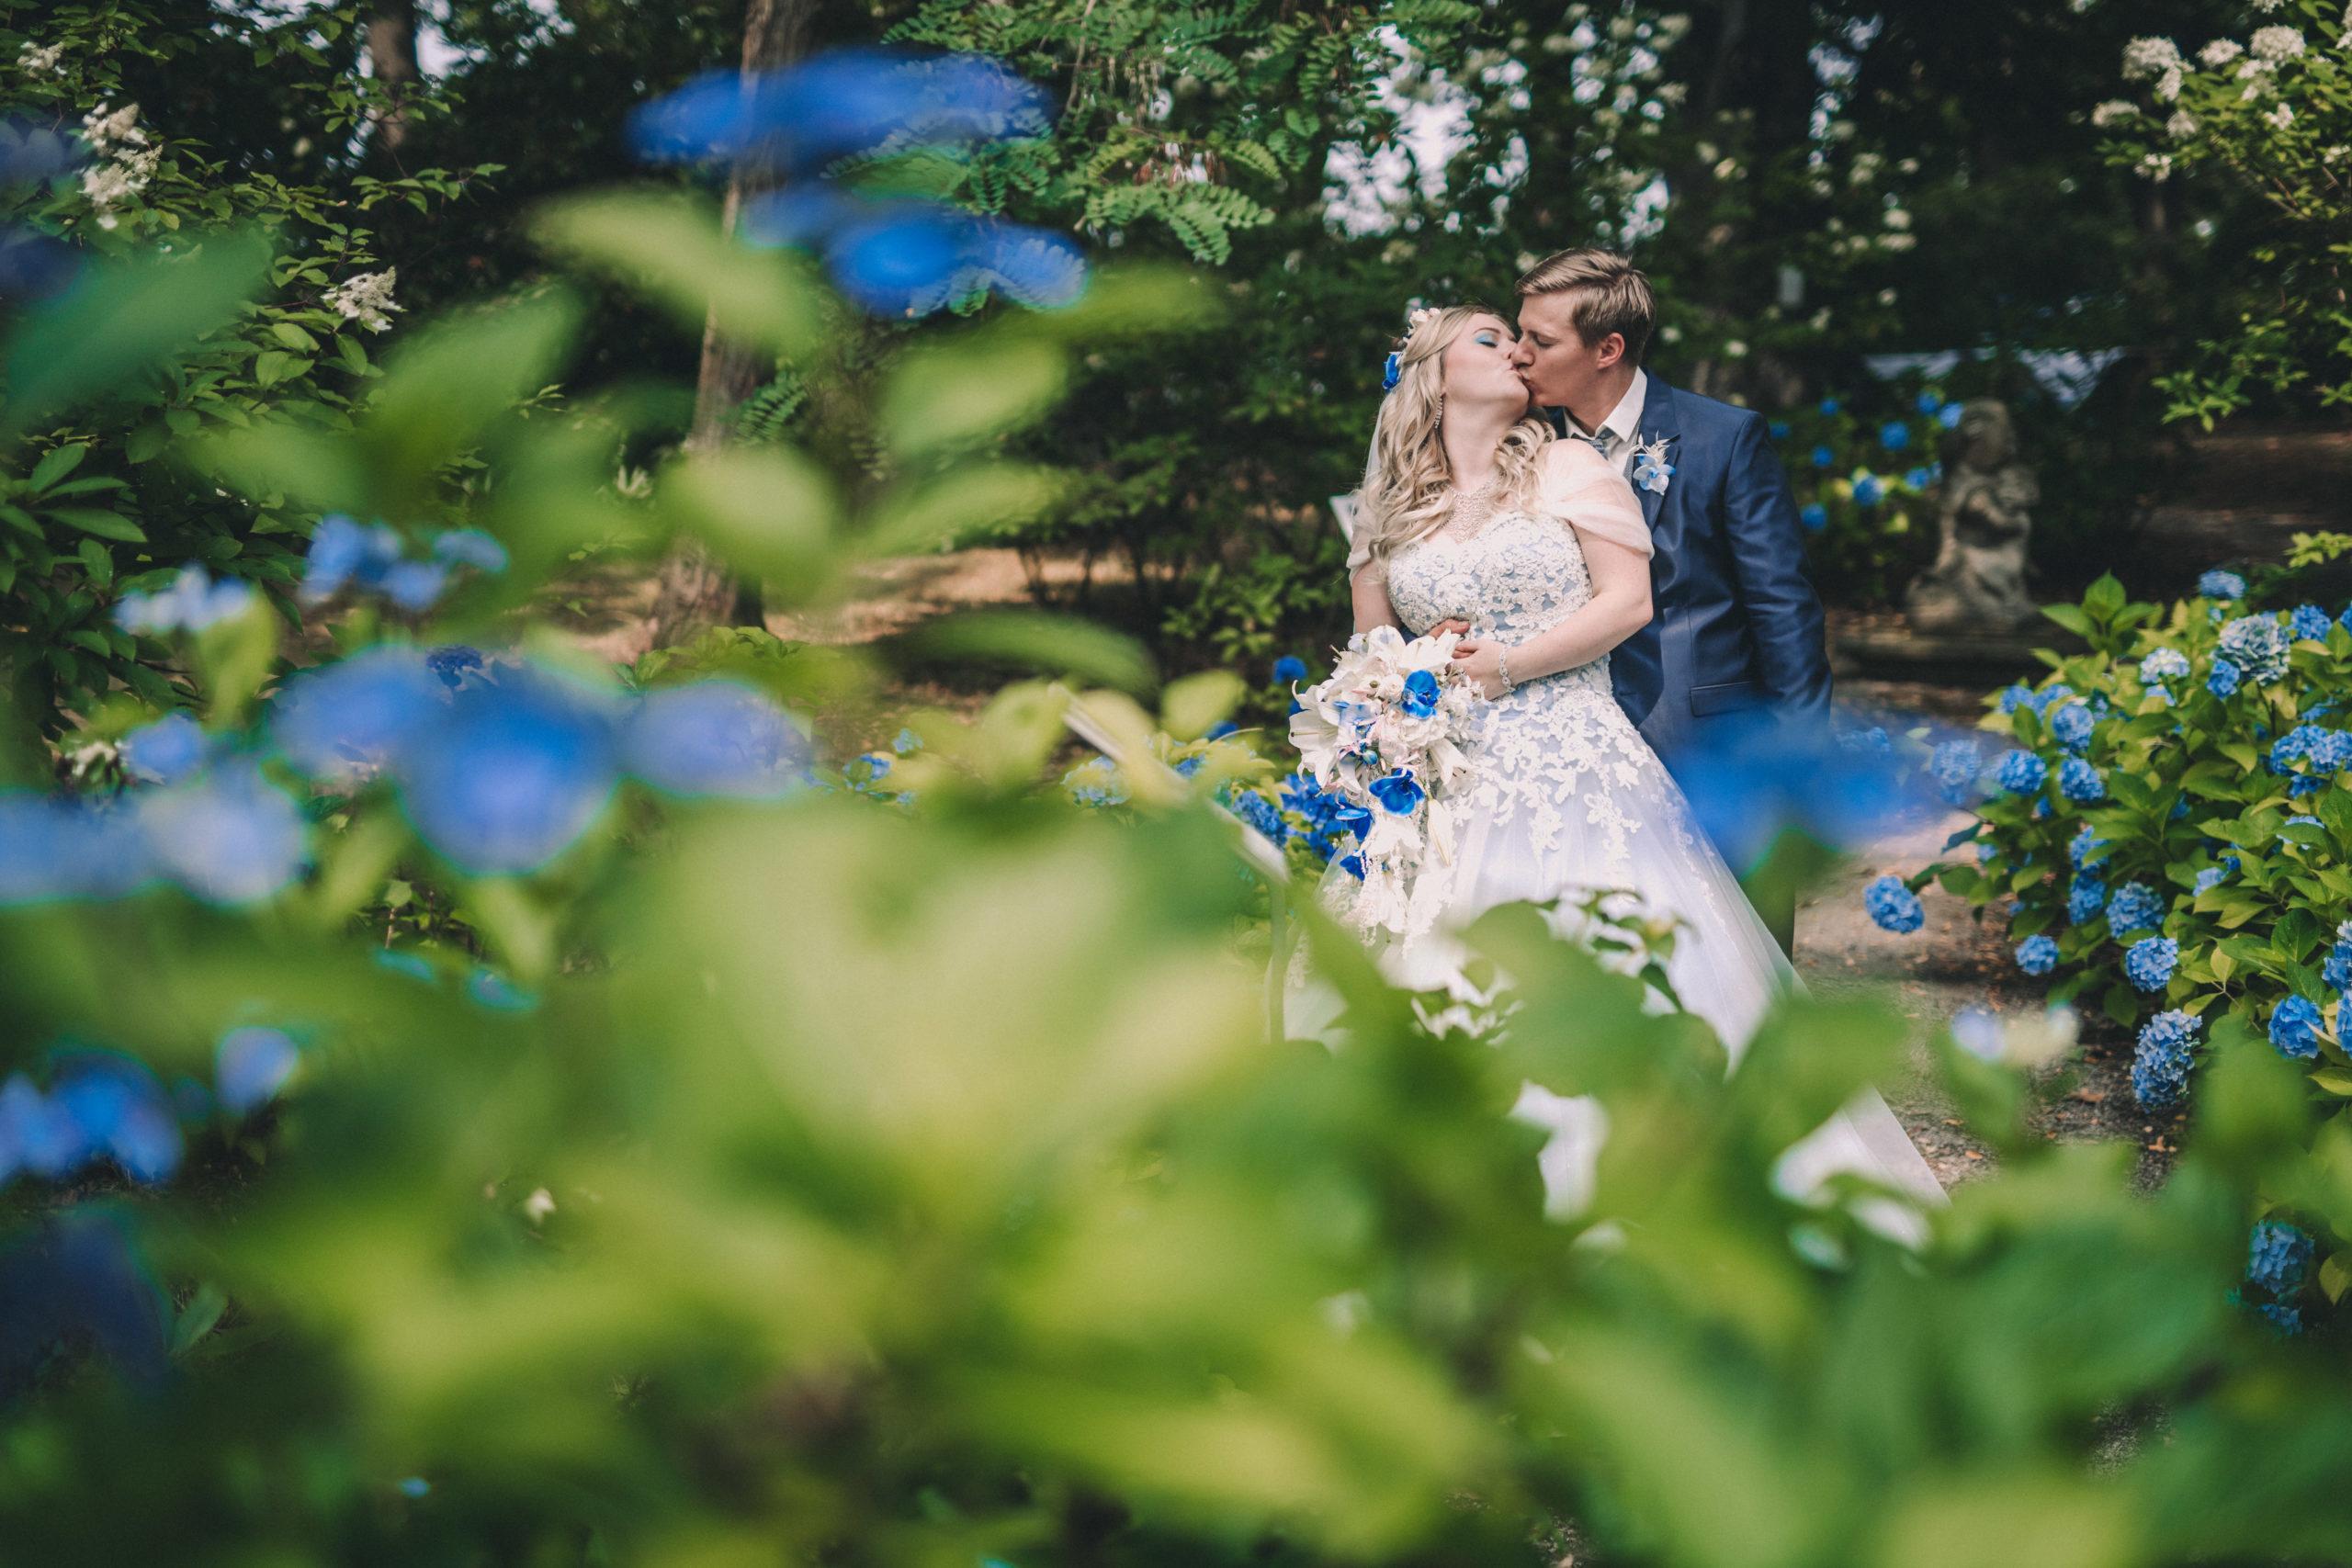 Hochzeitsfotograf Sachsen - newpic.eu by Toni Kretschmer